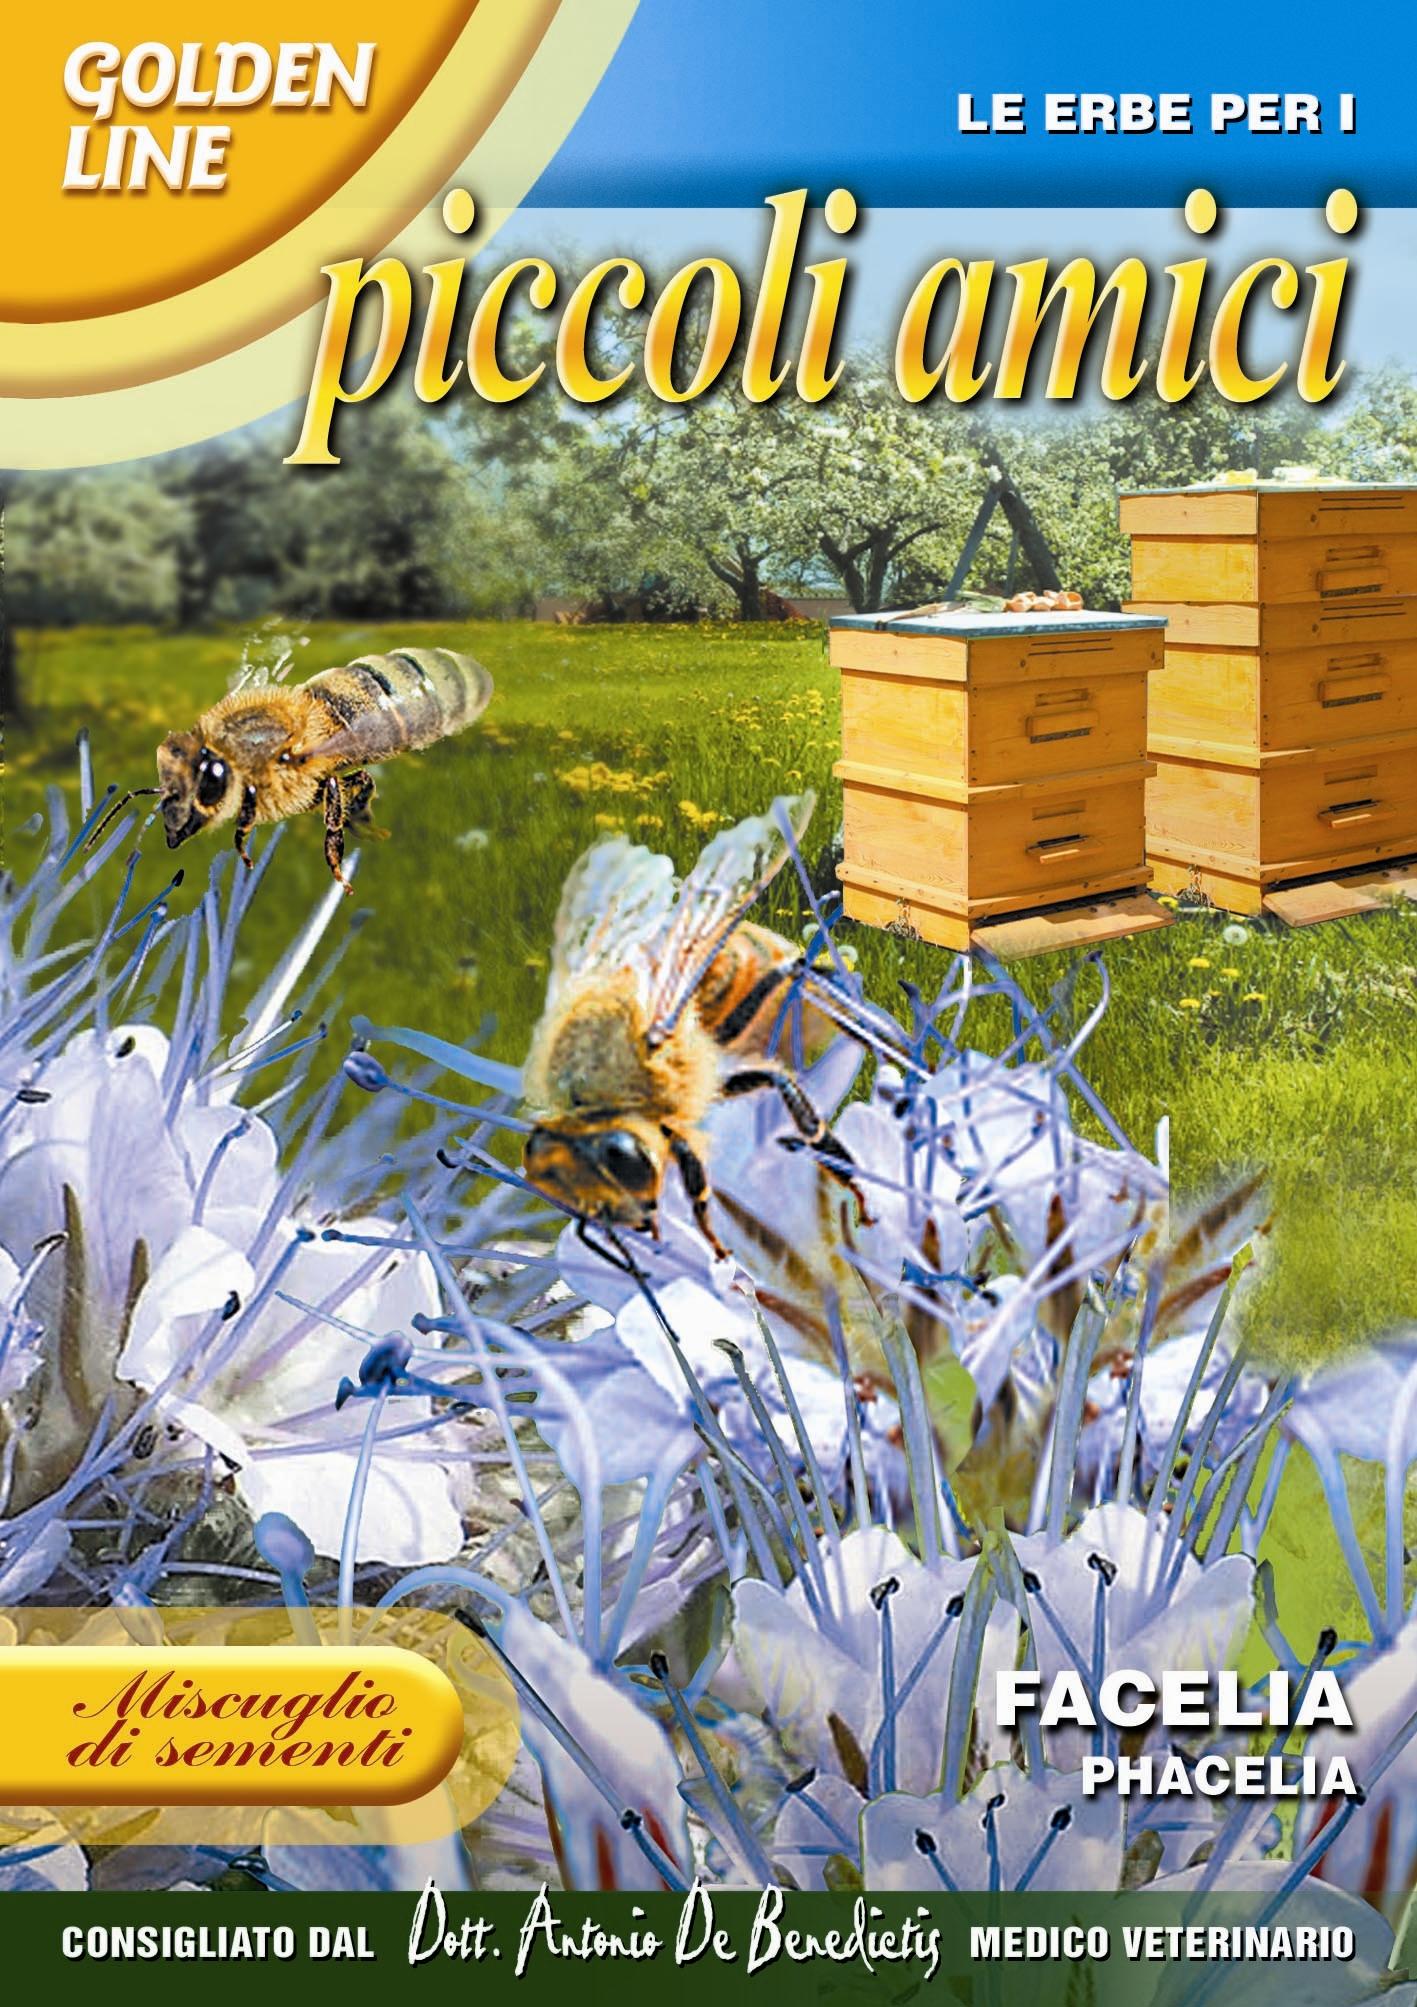 Franchi Seeds - 7th generation seedsmen since 1783